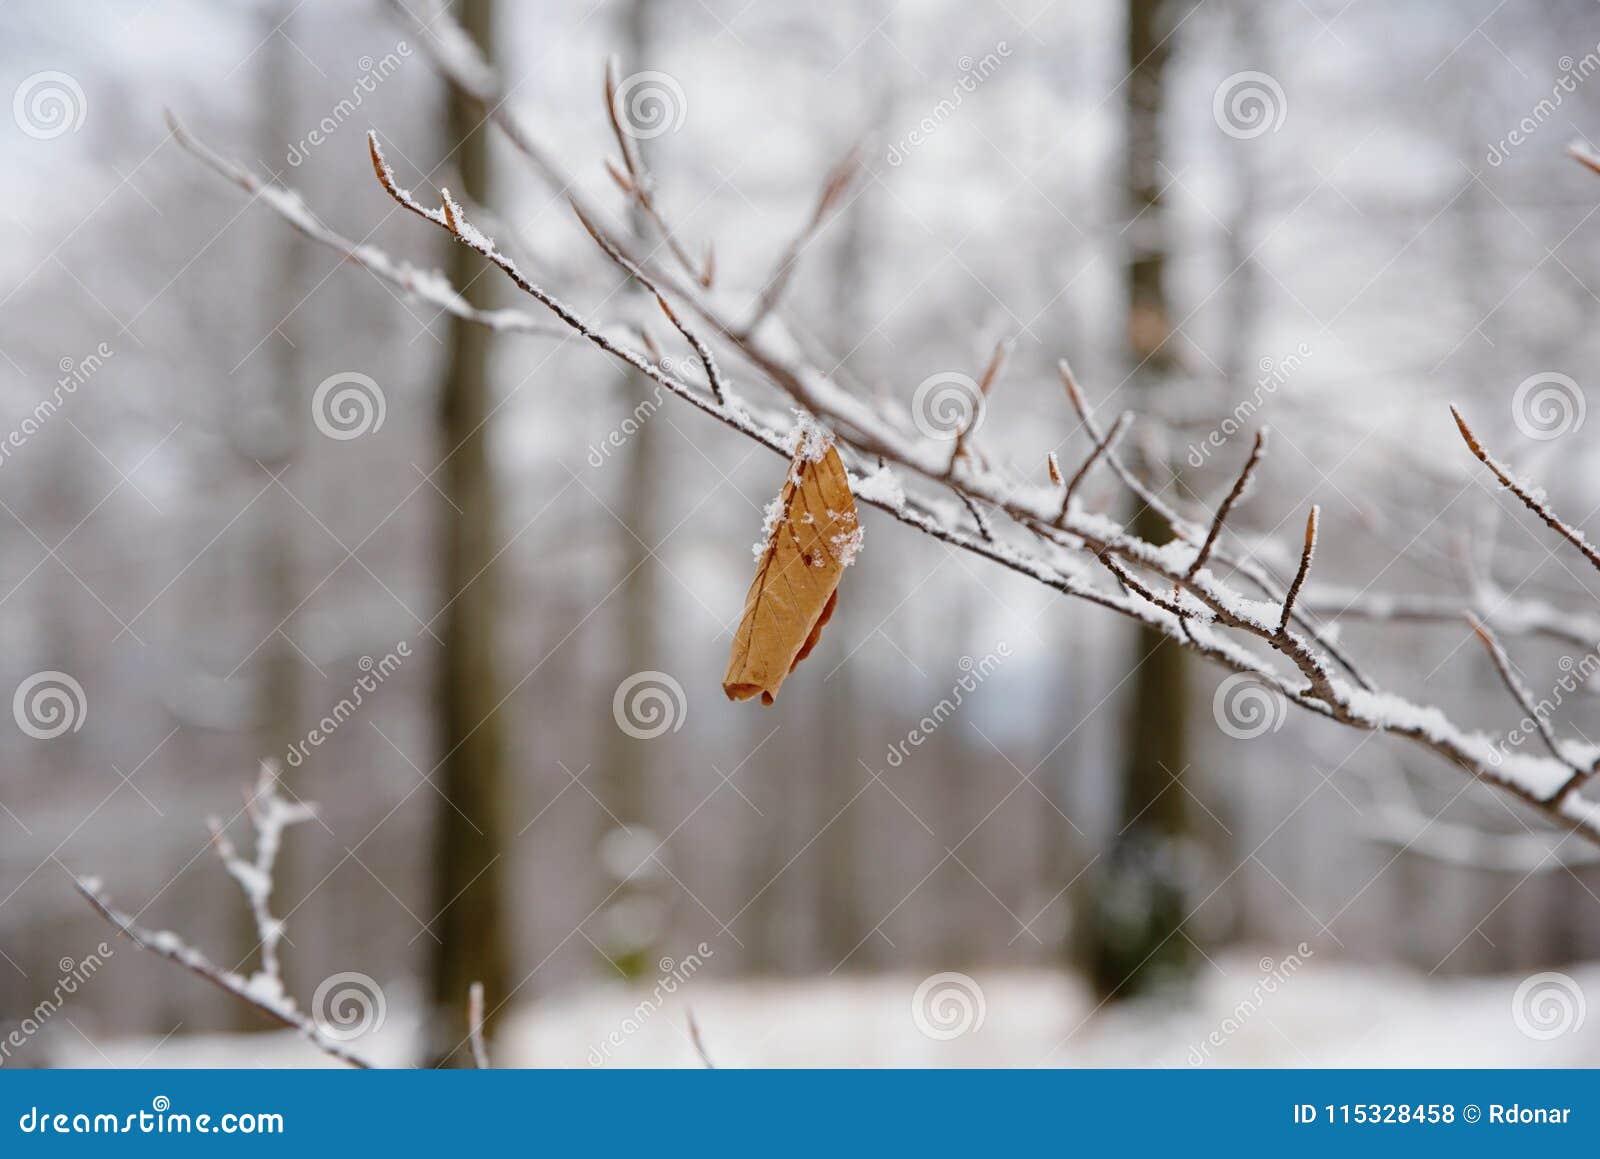 Der erste Schnee hat die verlorenen Blätter von Buchenbäumen bedeckt Buchenwald